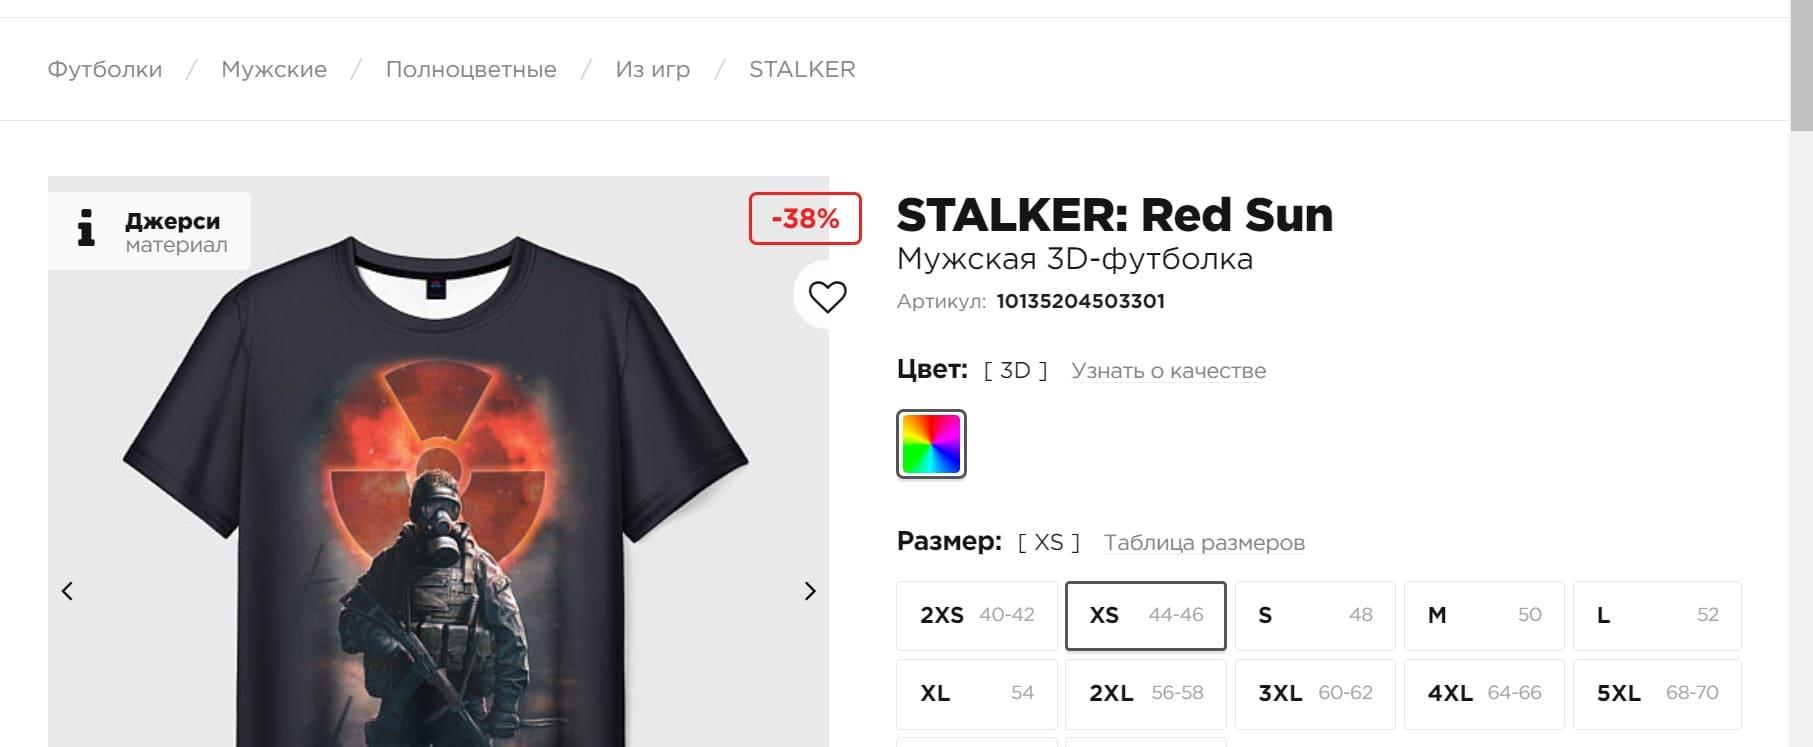 Как продавать футболки в Интернете: пошаговое руководство